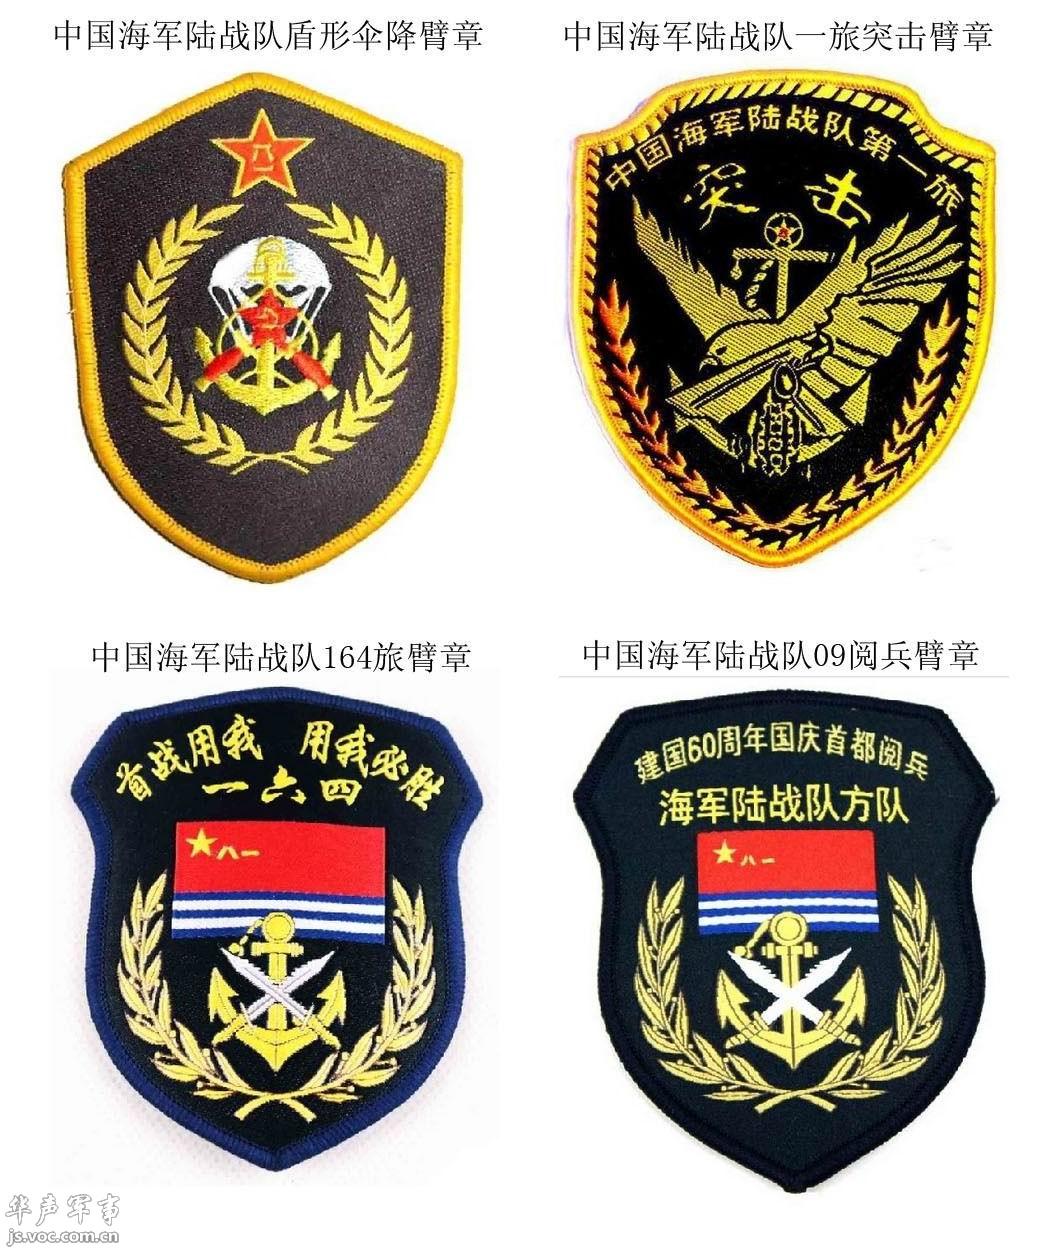 中国特种部队臂章大全